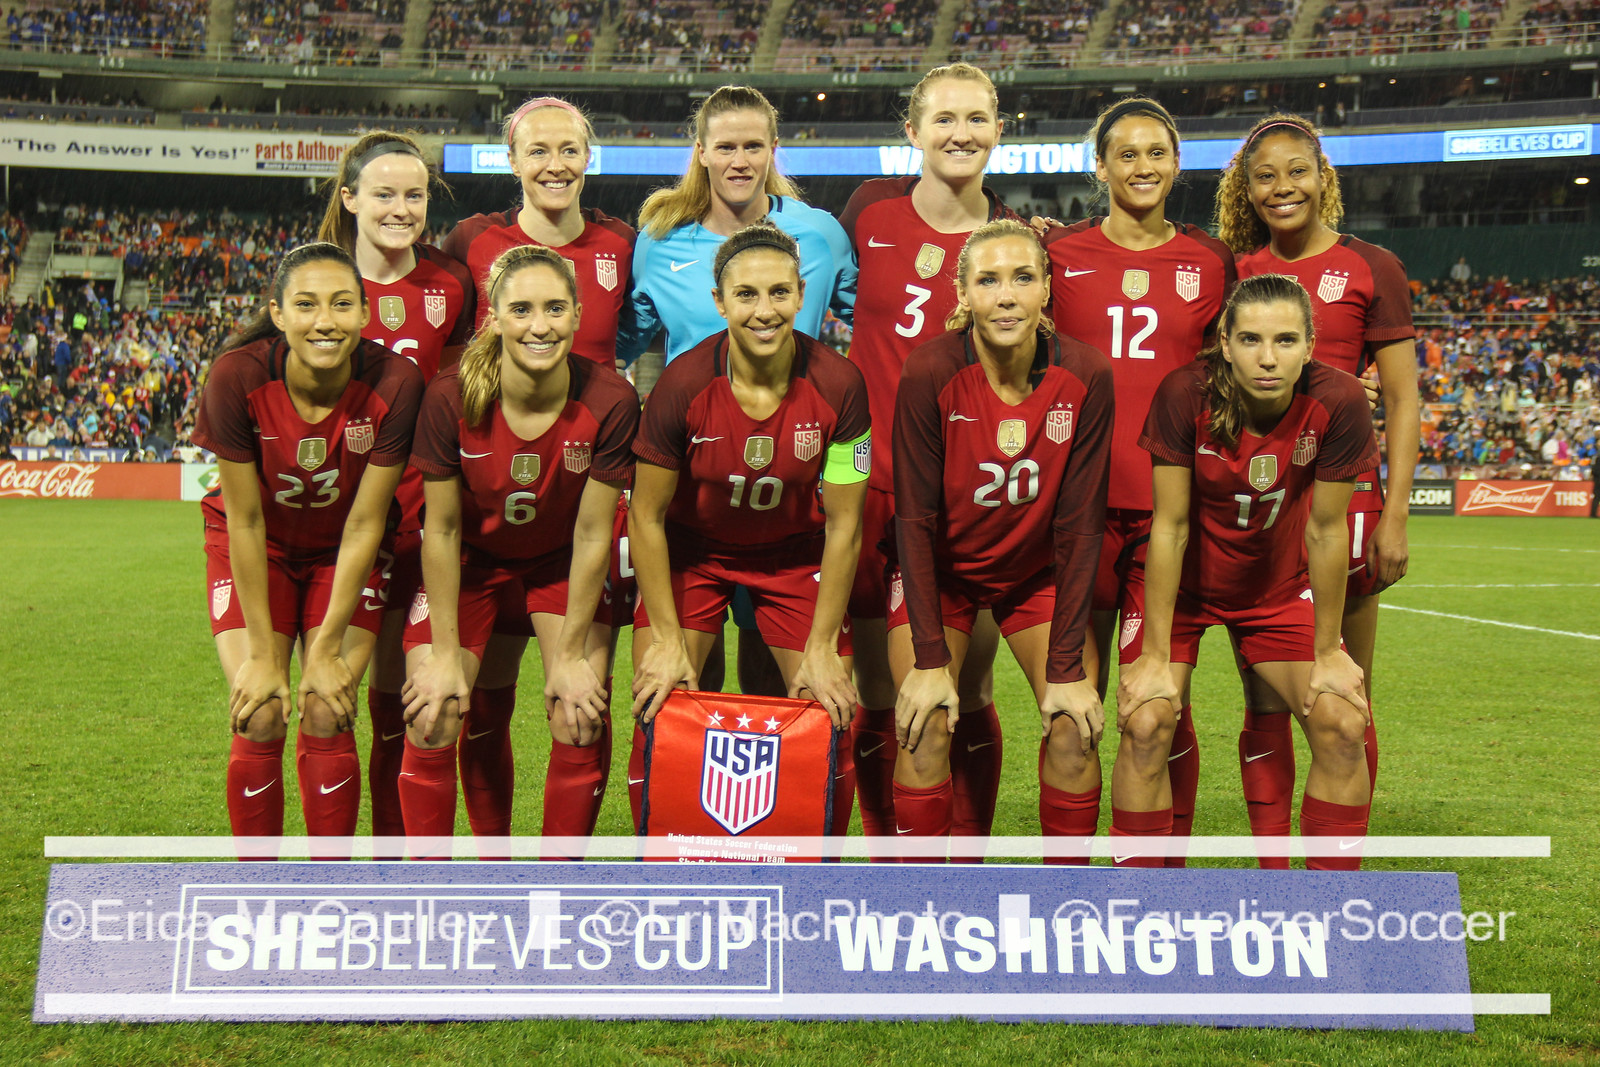 USA lineup v France SBC